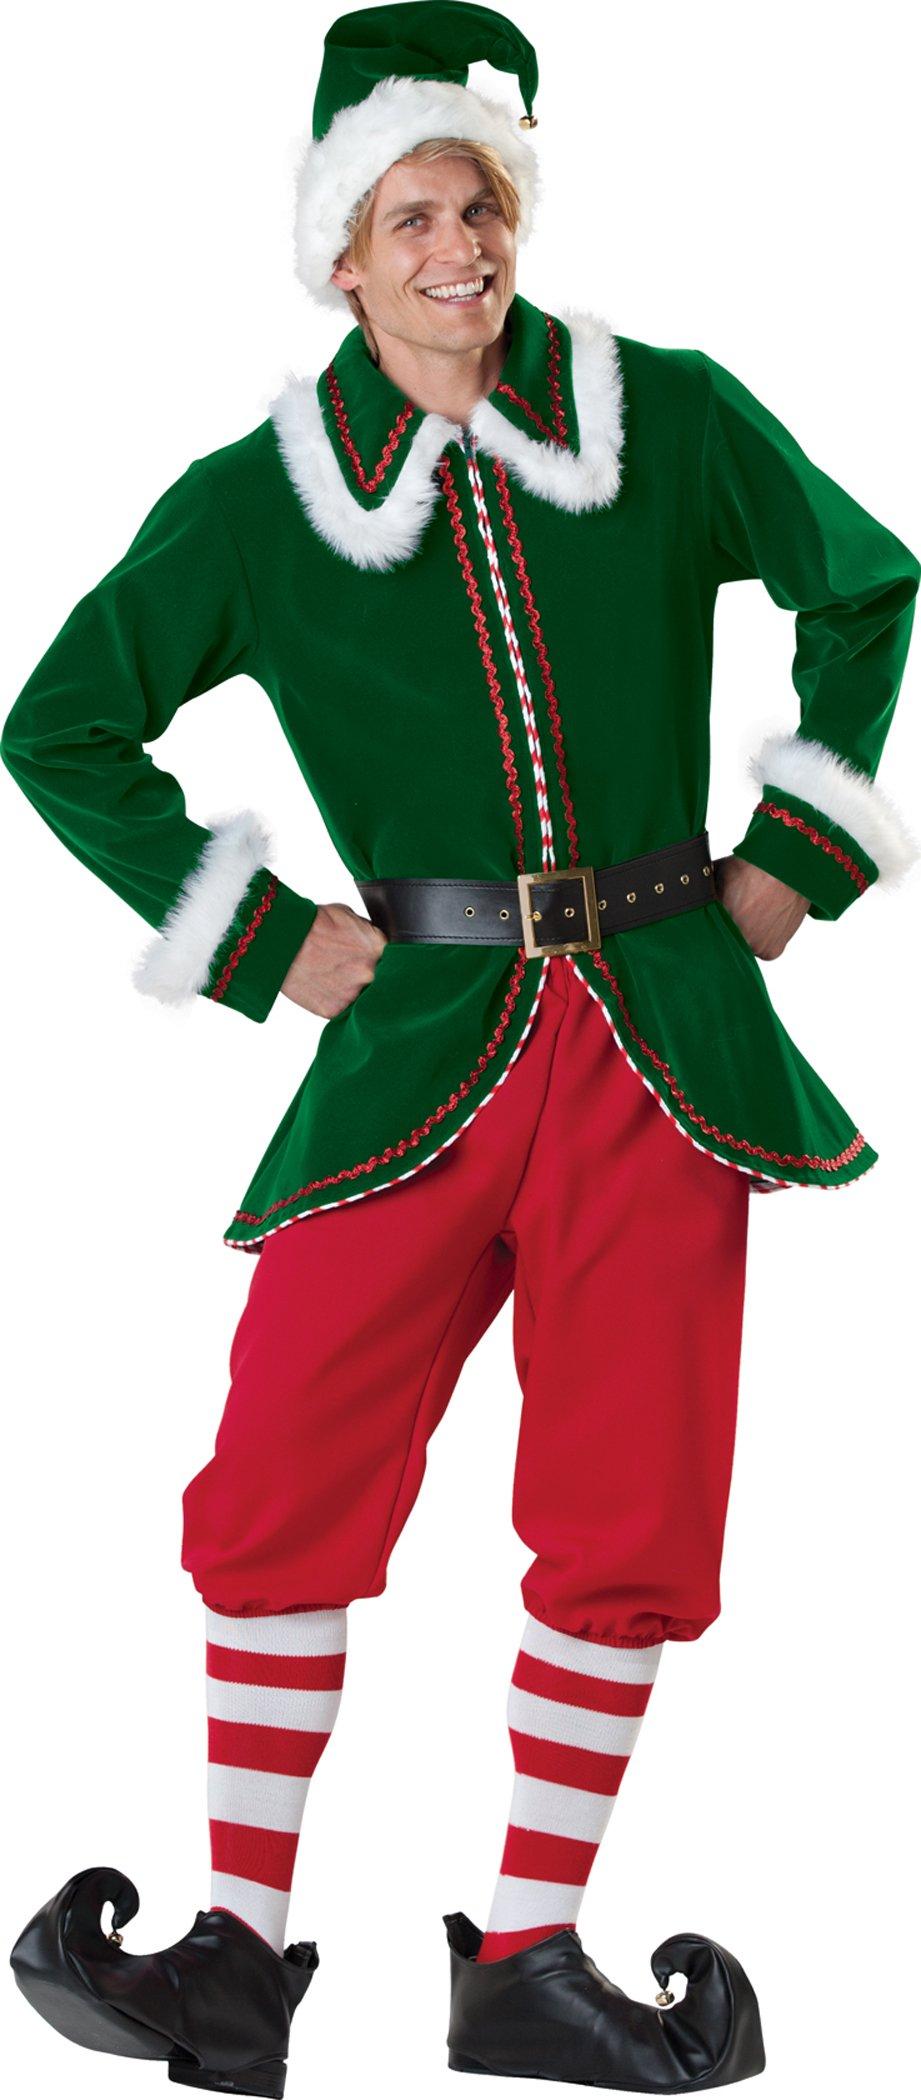 InCharacter Costumes Men's Santa's Elf Costume, Green/Red, Large